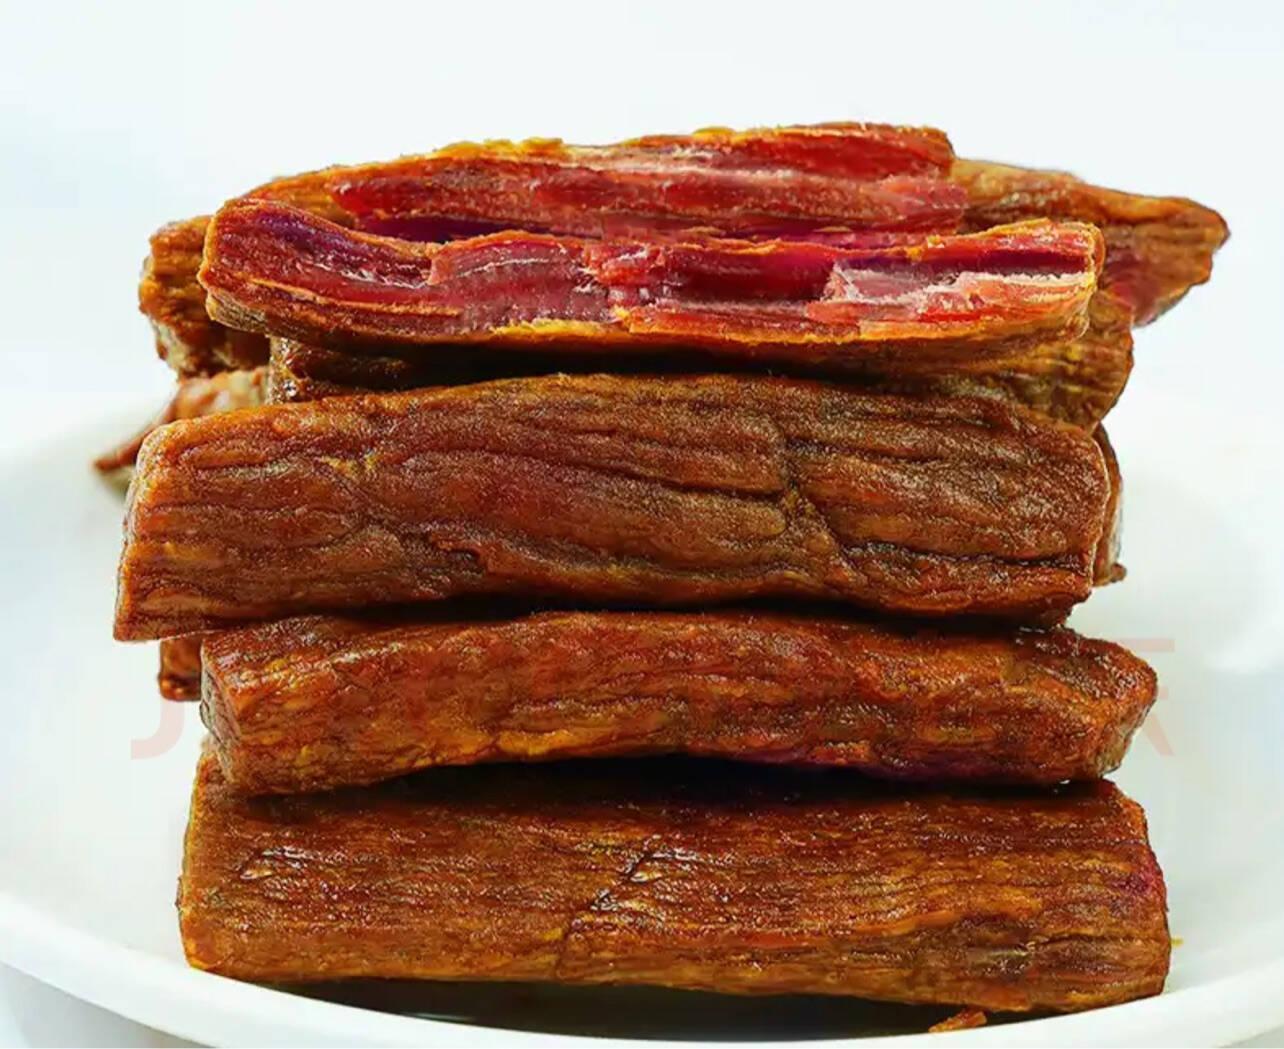 【12袋*40g】肌肉小王子手撕牛肉干牛肉棒健身代餐即食牛肉低脂休闲零食原味